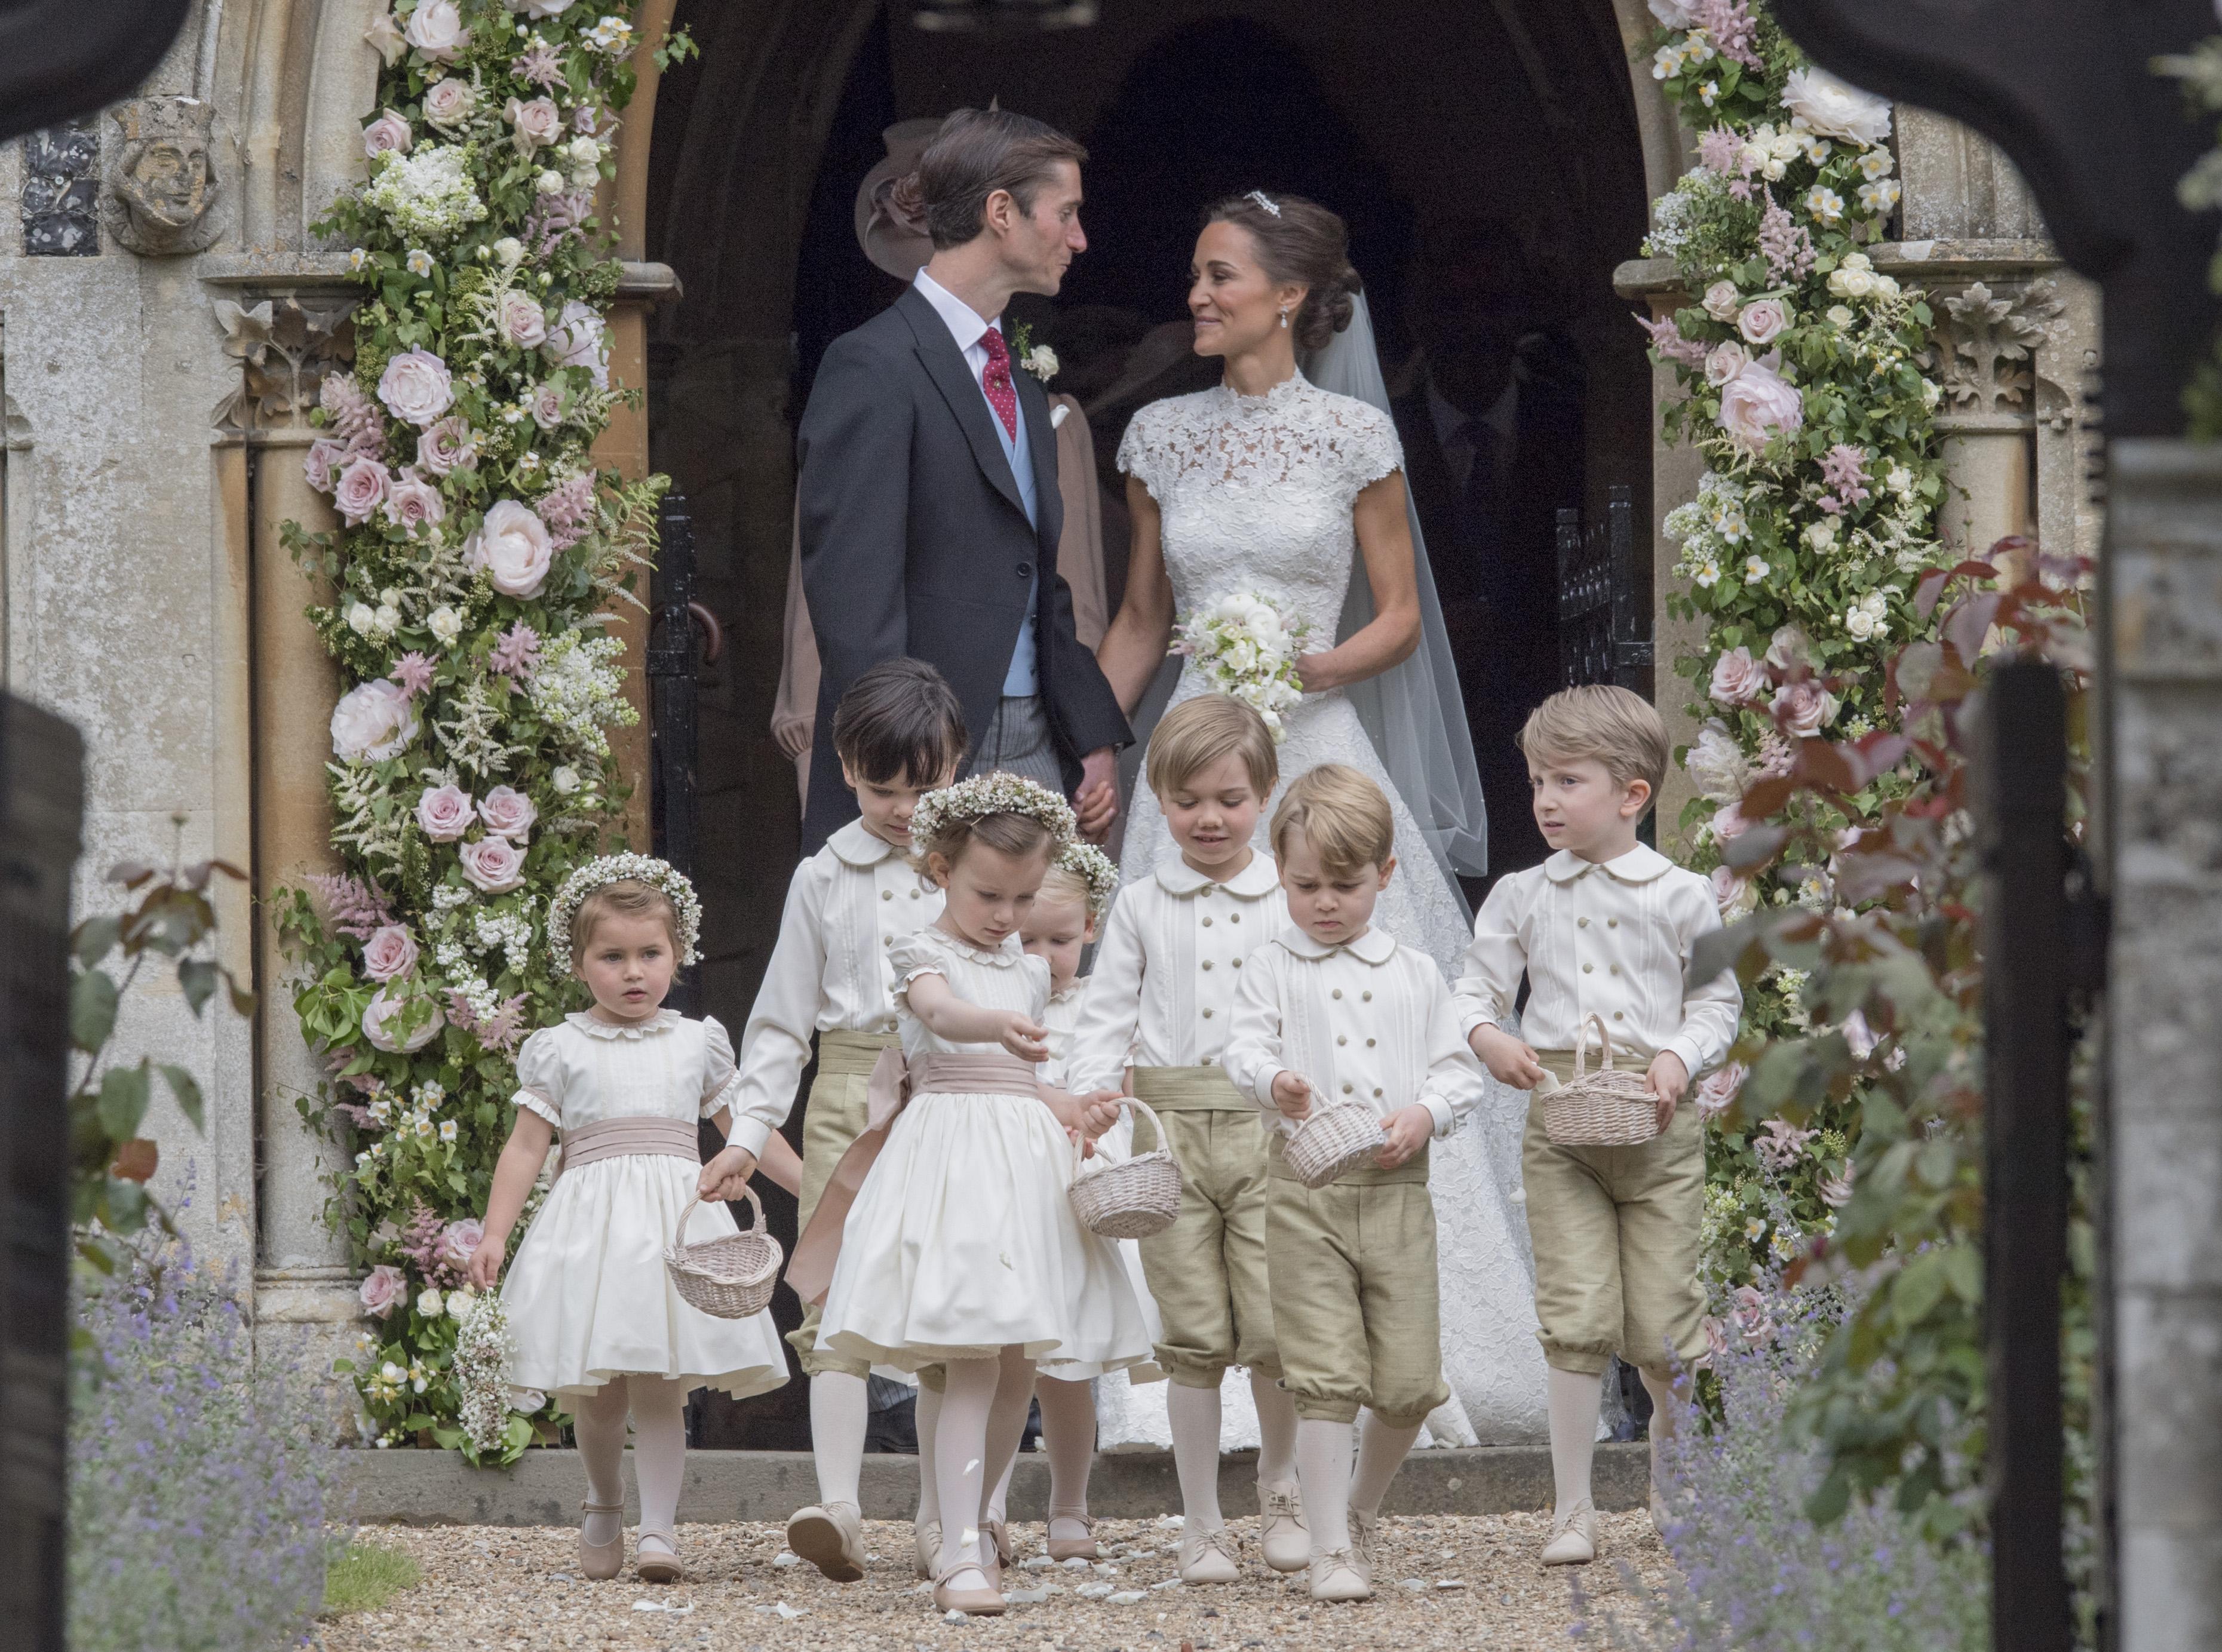 Свадьба Пиппы Миддлтон (принц Джордж – второй справа)